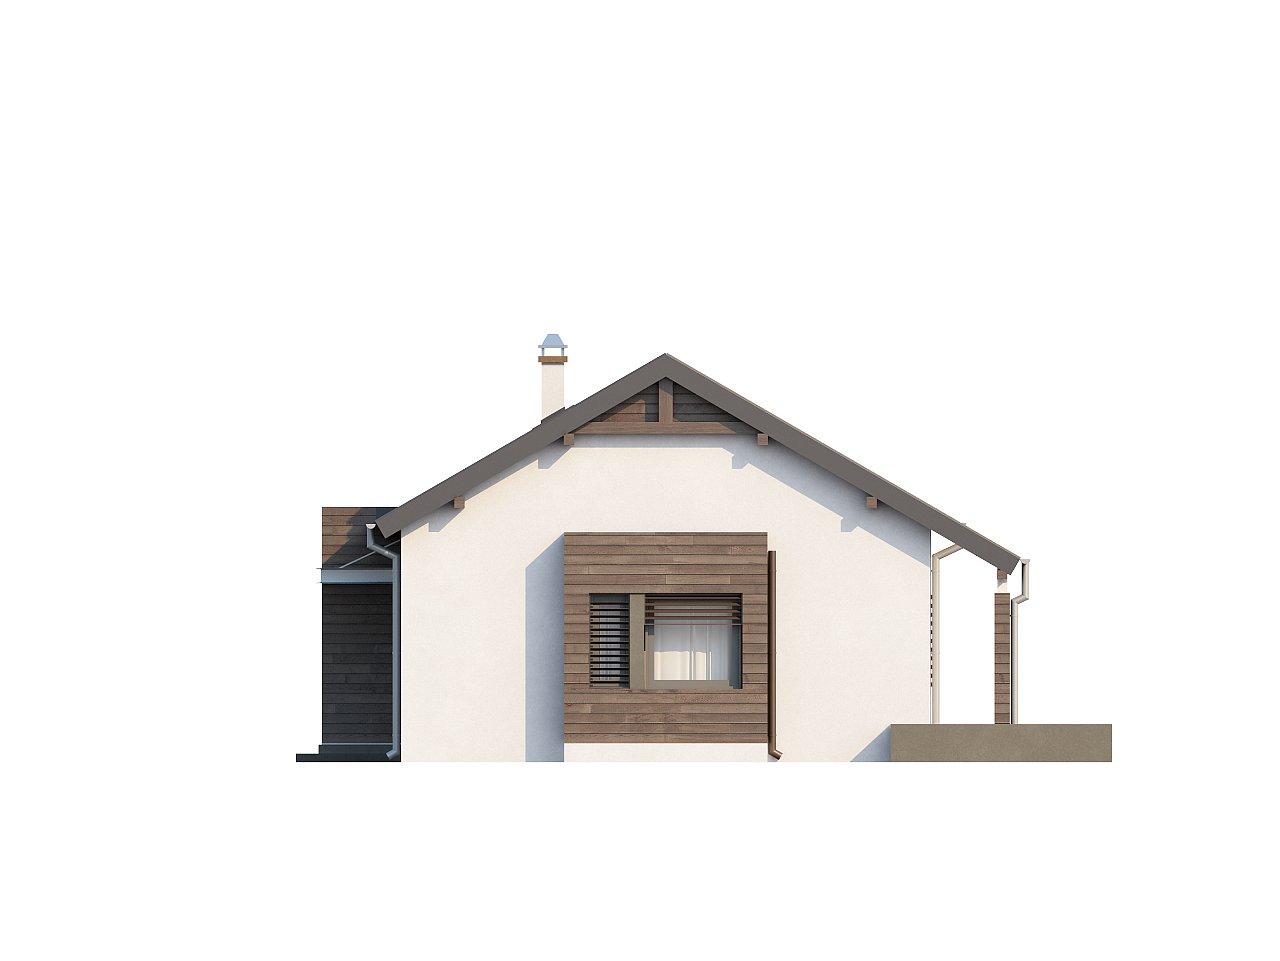 Функциональный одноэтажный дом с современными элементами отделки фасадов. - фото 24